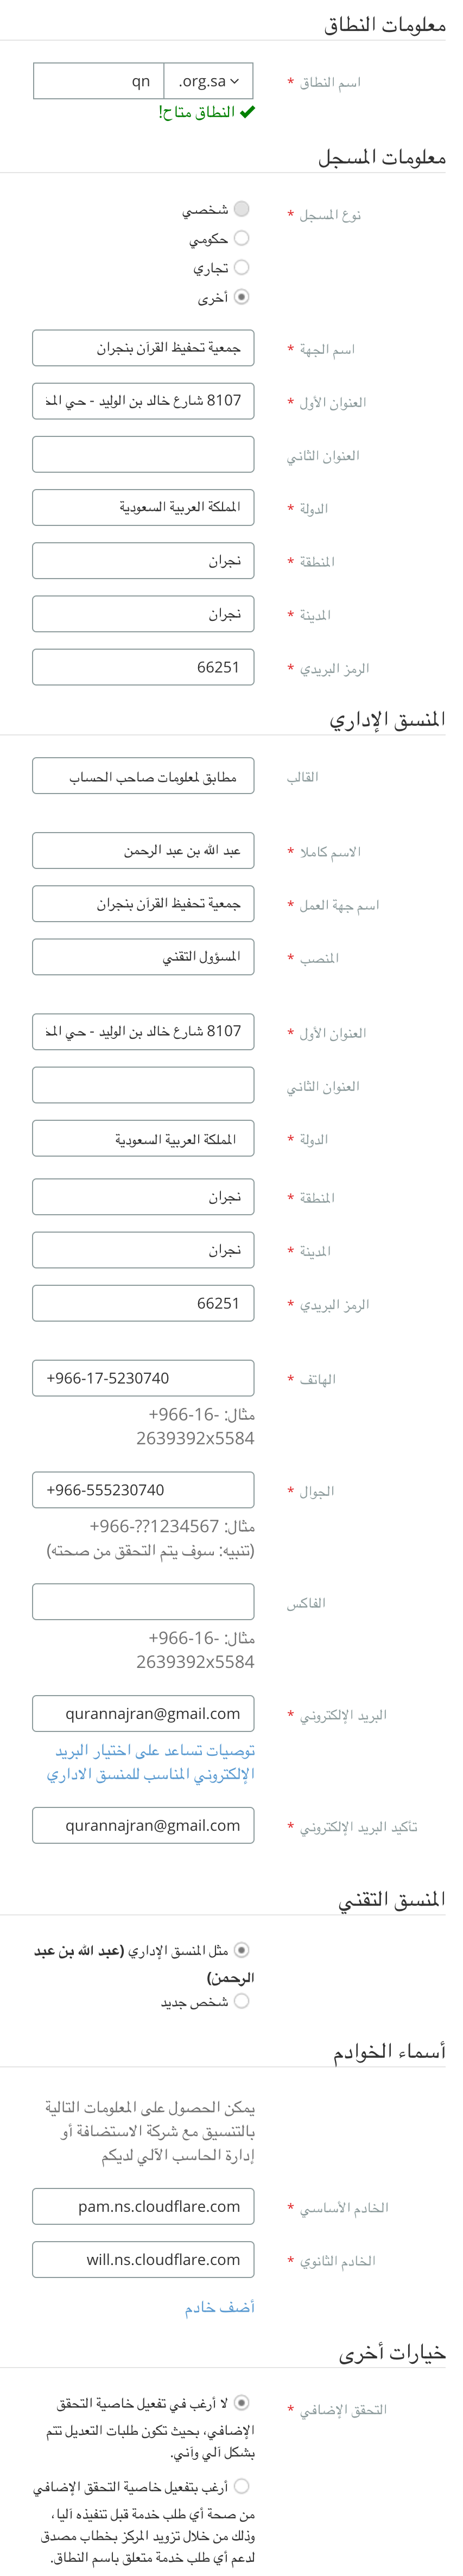 مثال-تسجيل-نطاق